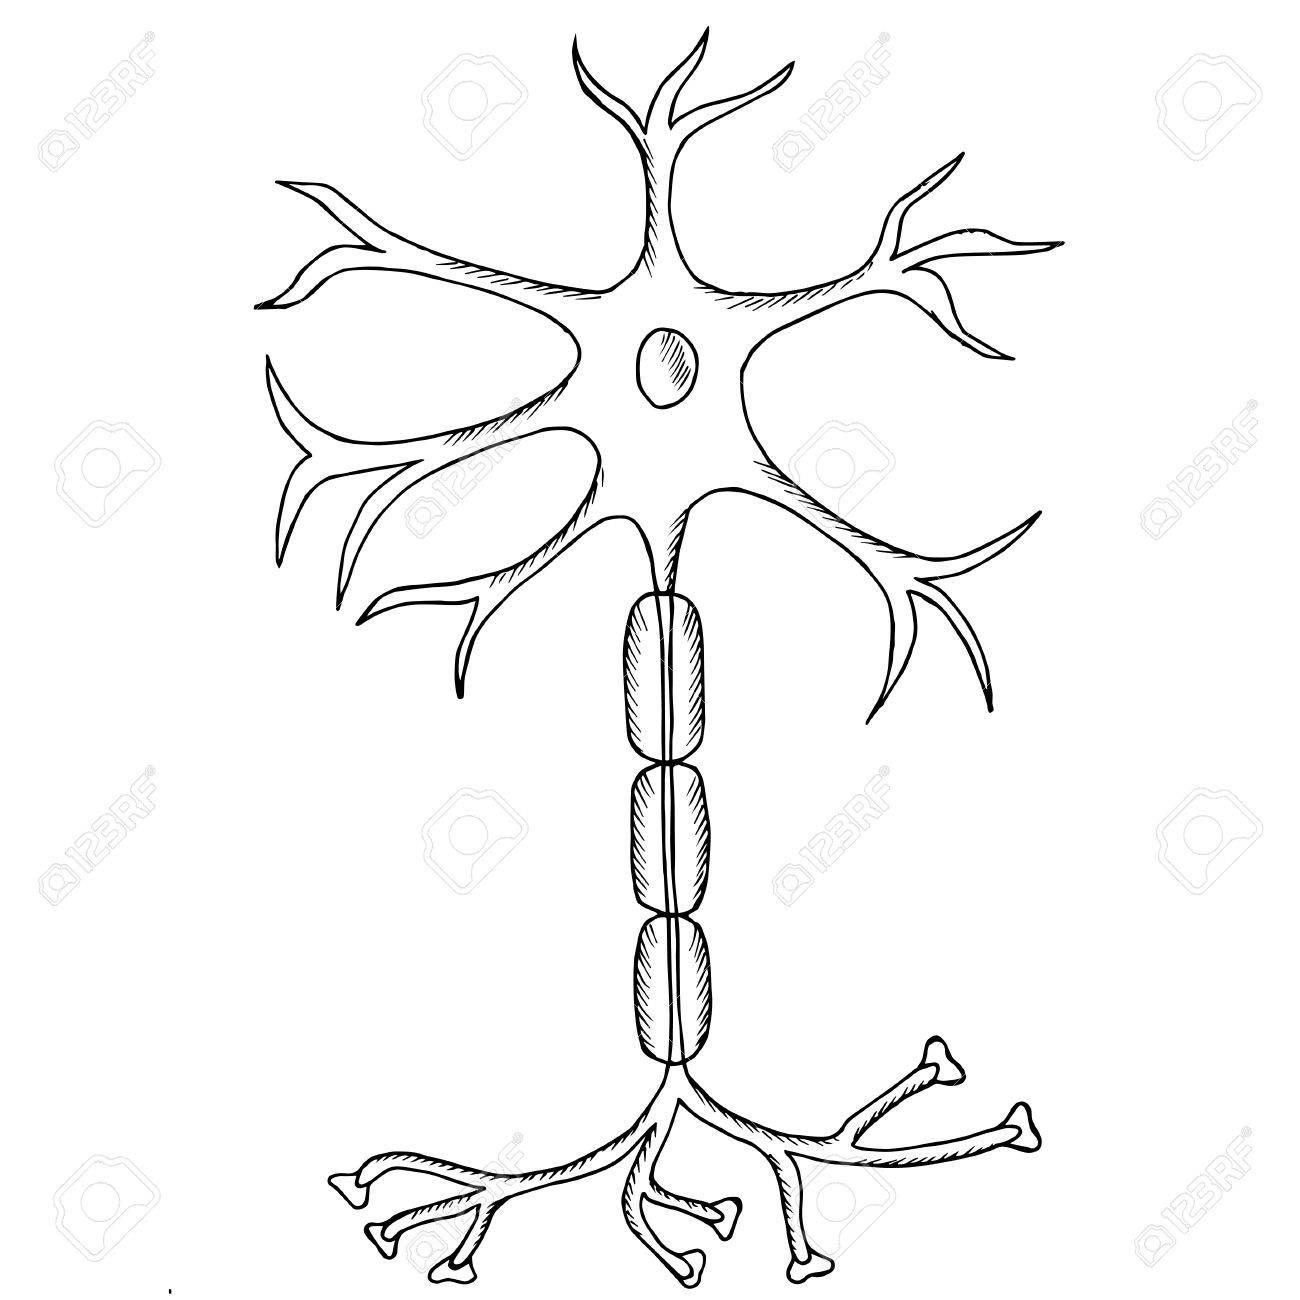 Nervenzelle Neuron, Neuron, Im Skizzenstil. Isoliert Auf Weißem ...